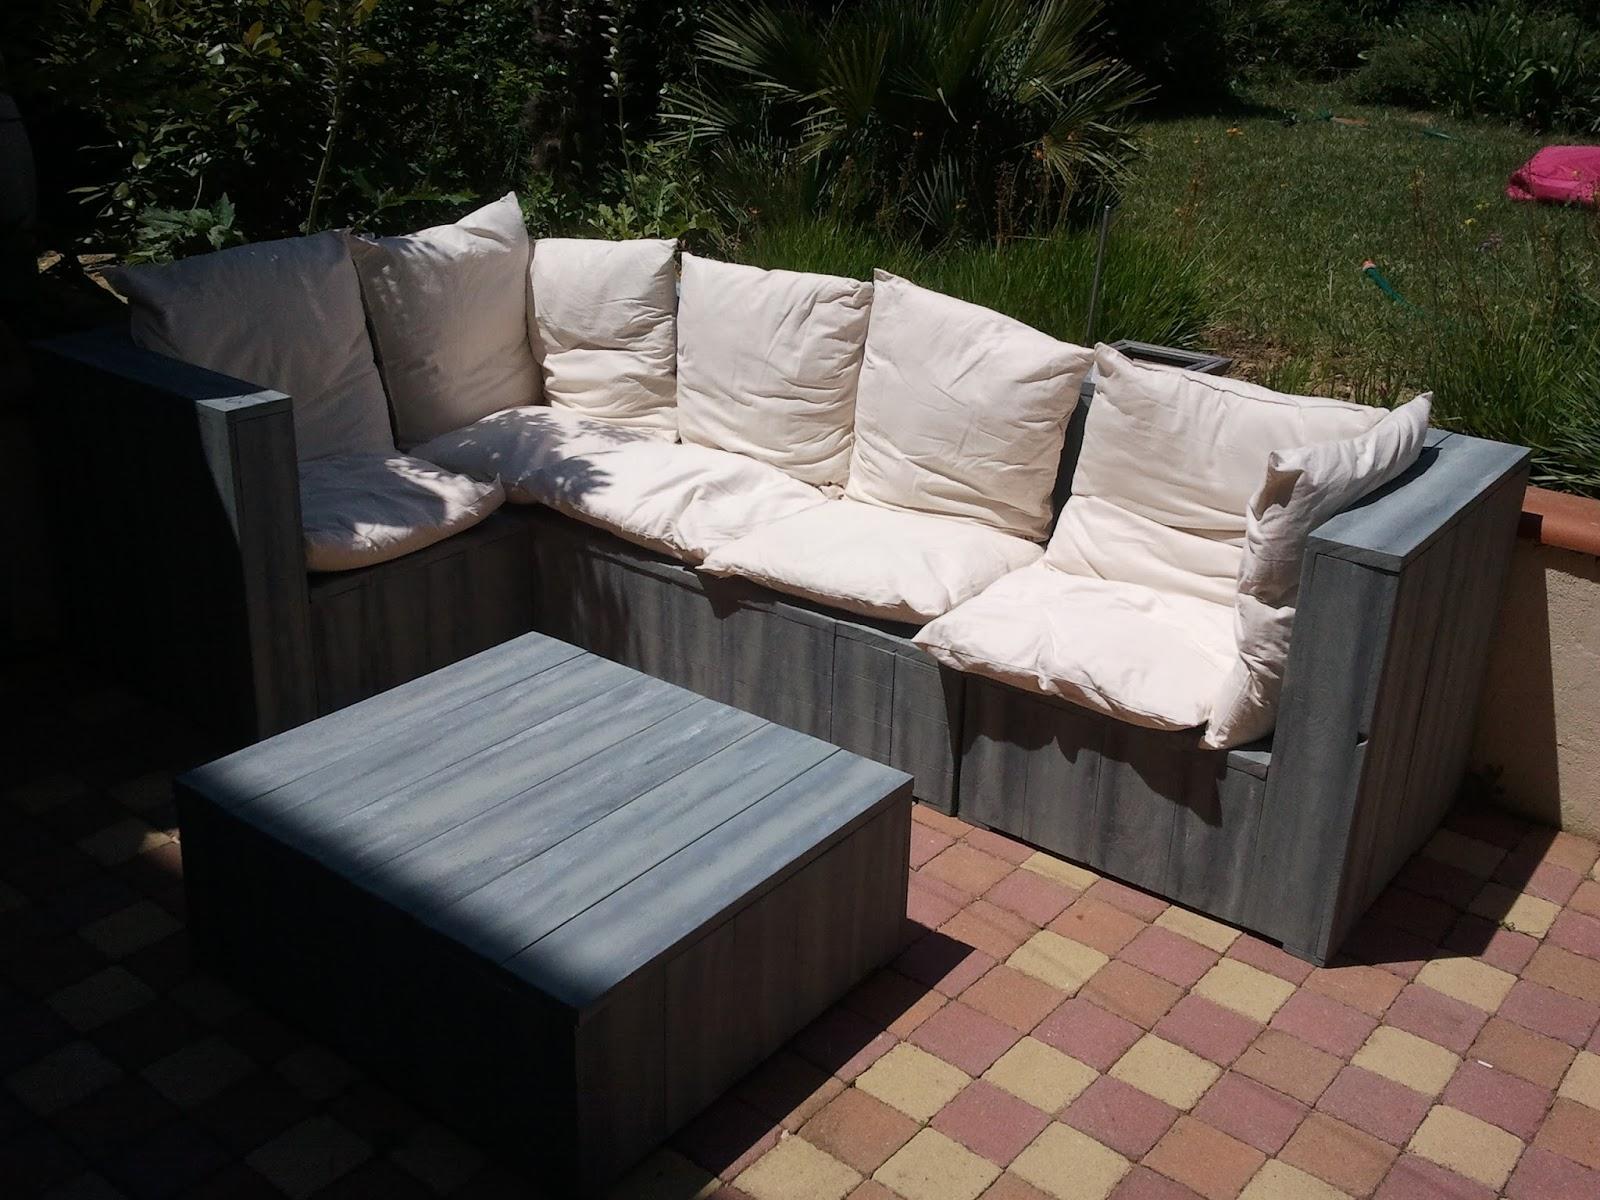 Des Jardin Avec Palettes Fait Salon Bois De En IYW9EDH2